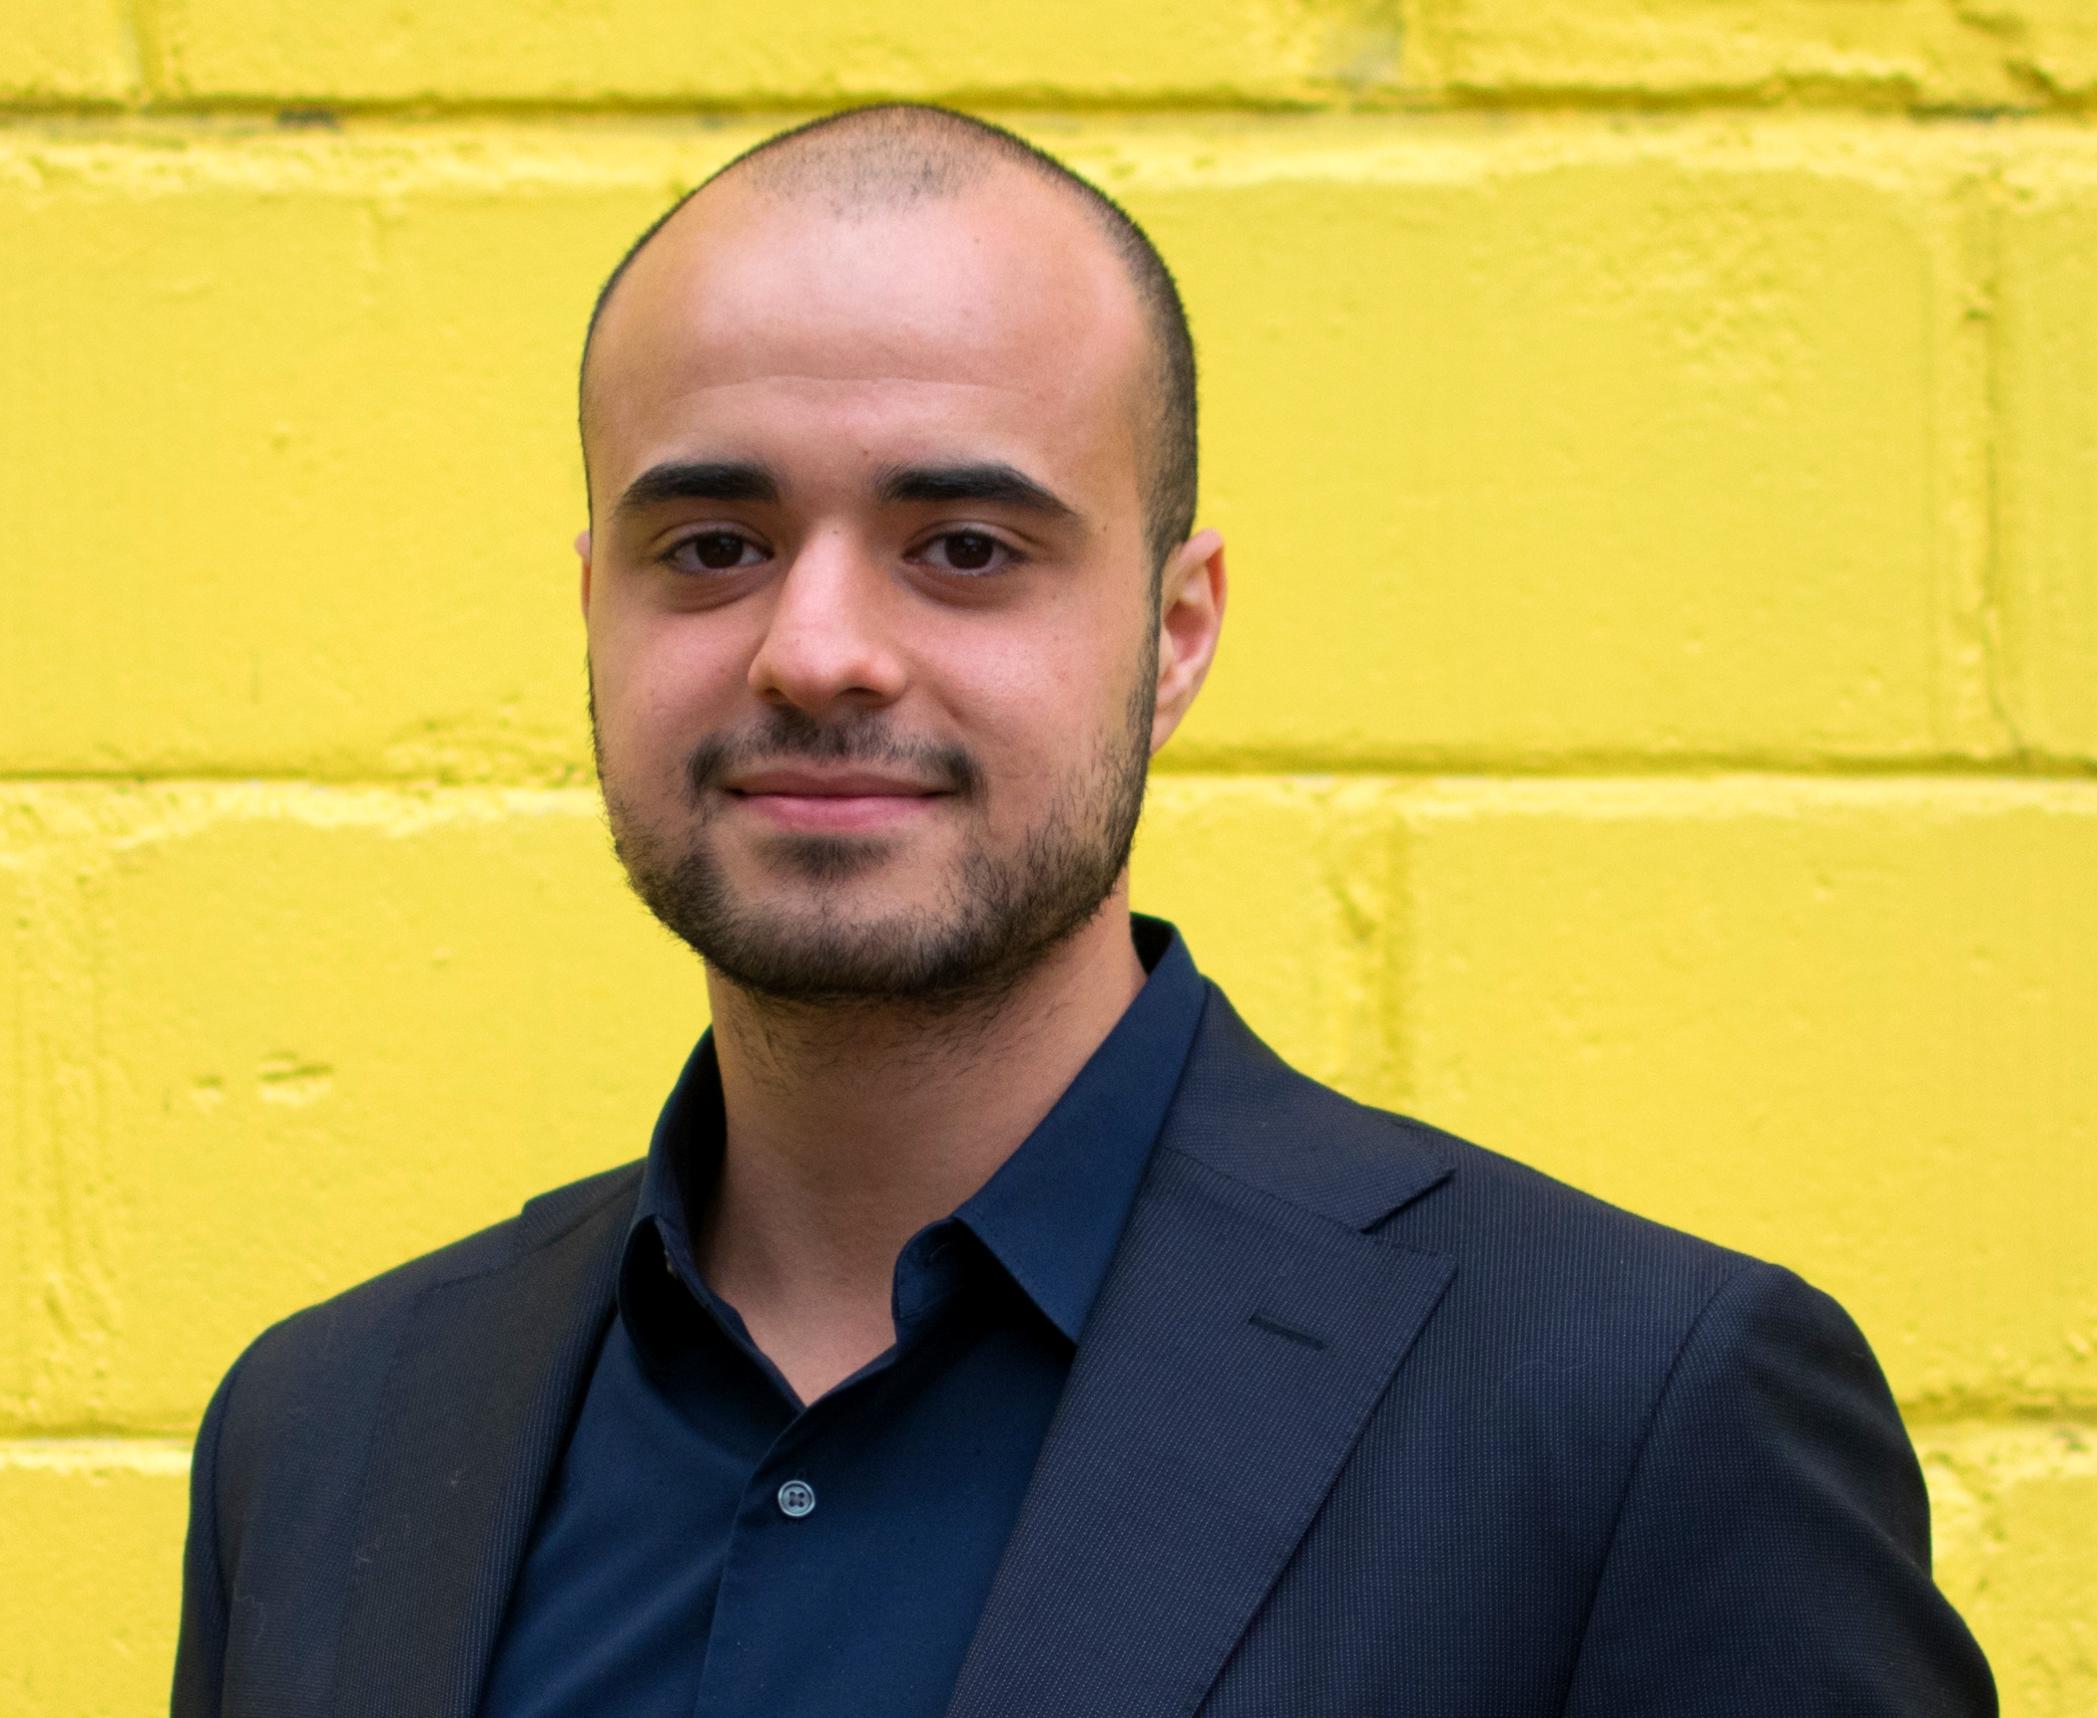 Karim Barbary